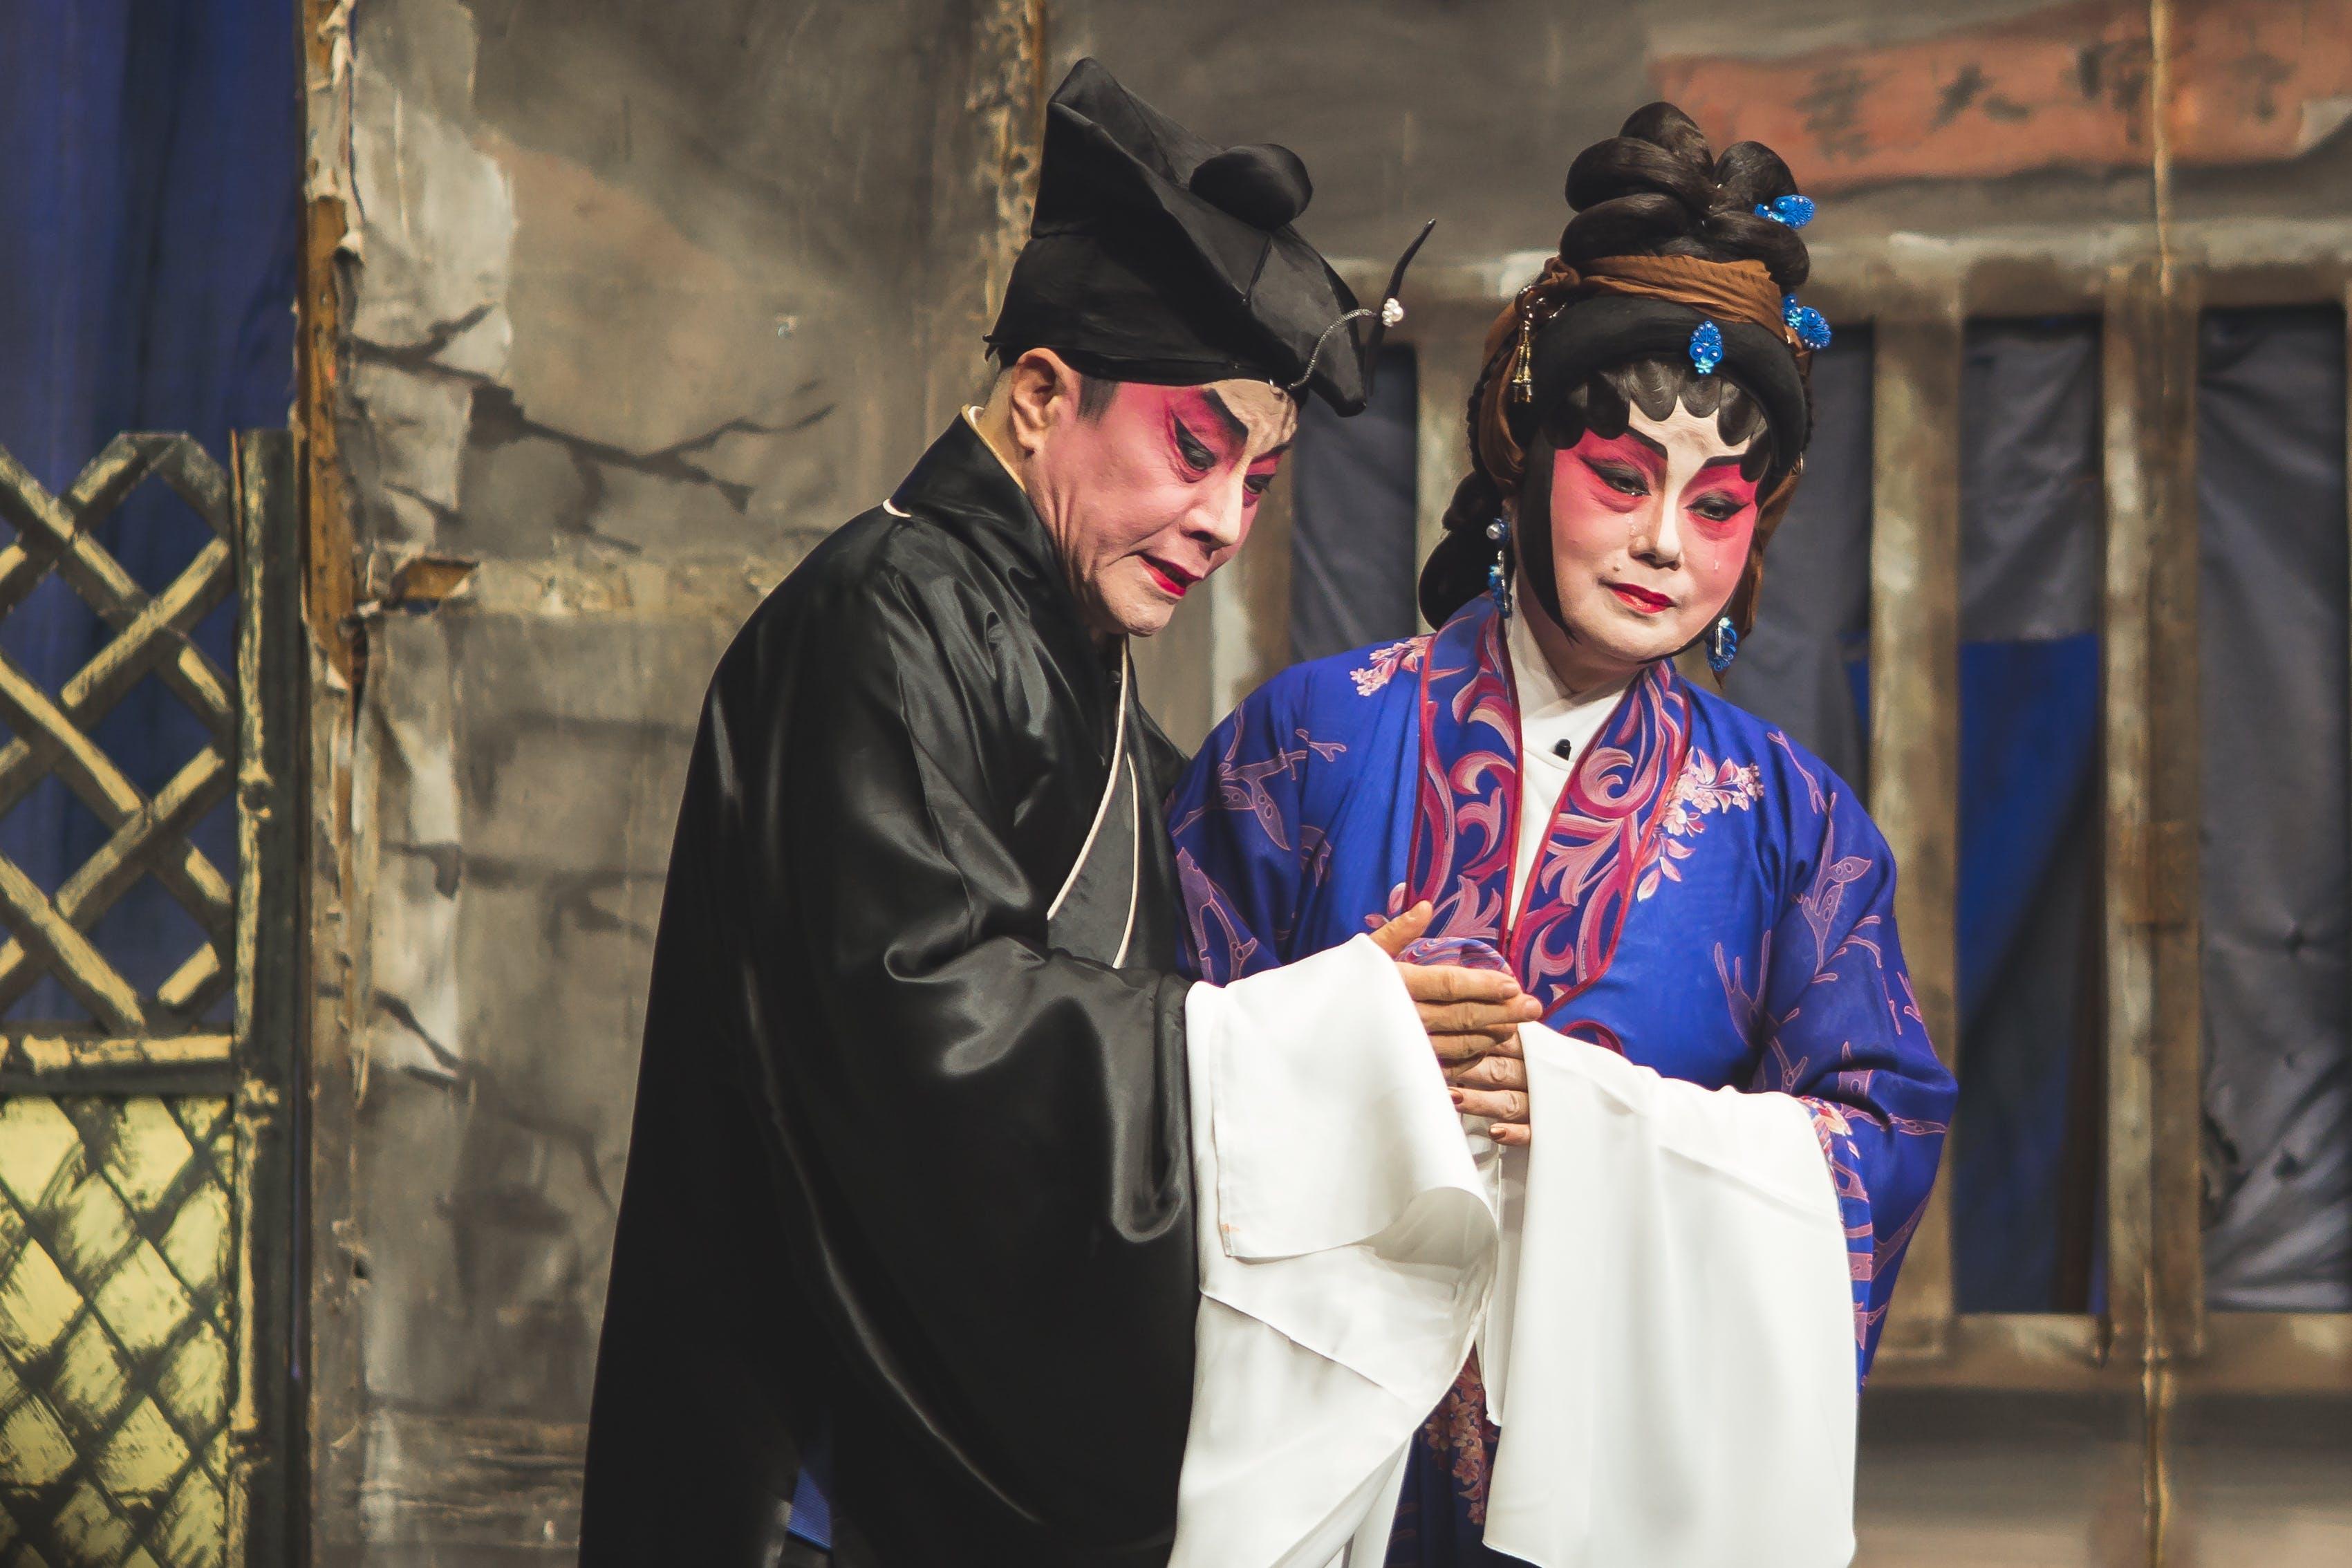 Kostenloses Stock Foto zu aufführung, chinesisch, chinesische oper, kunst